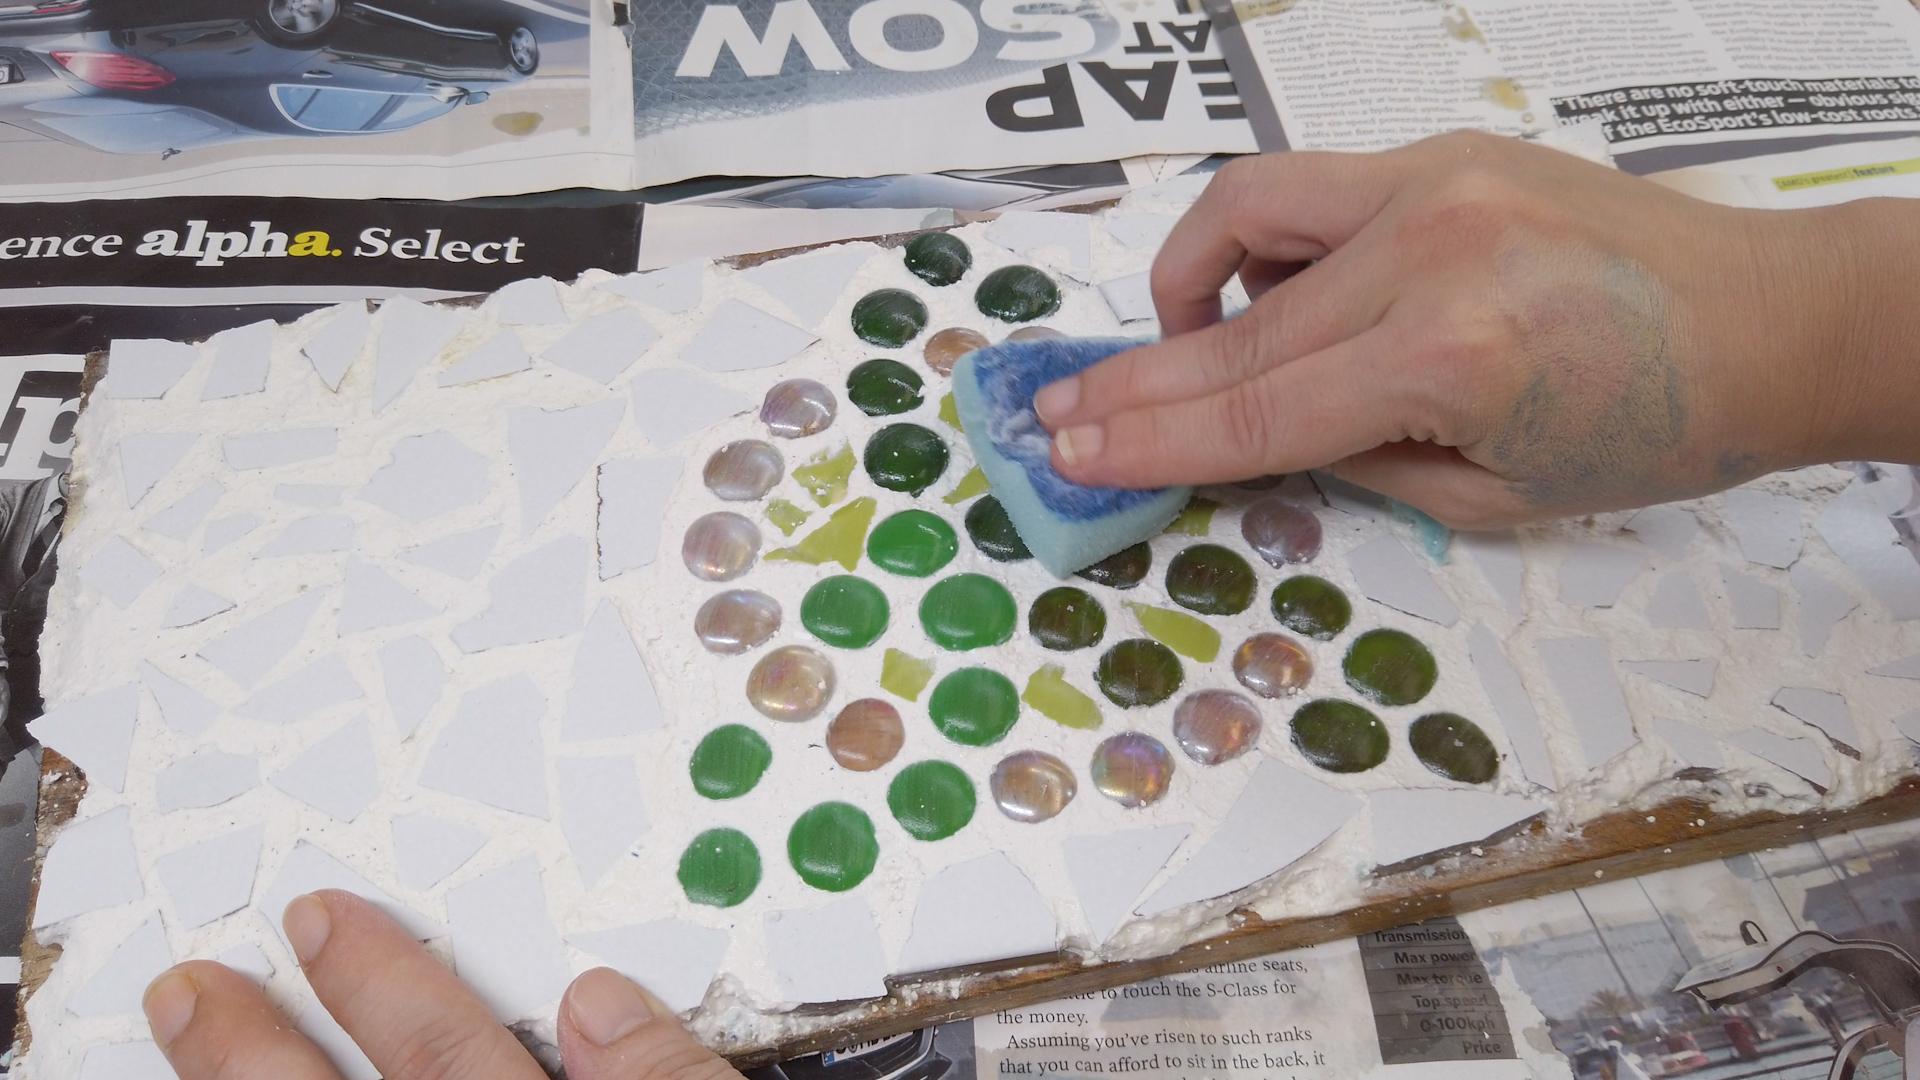 Comment Faire Une Mosaïque: 14 Étapes (Avec Images) destiné Support Pour Mosaique